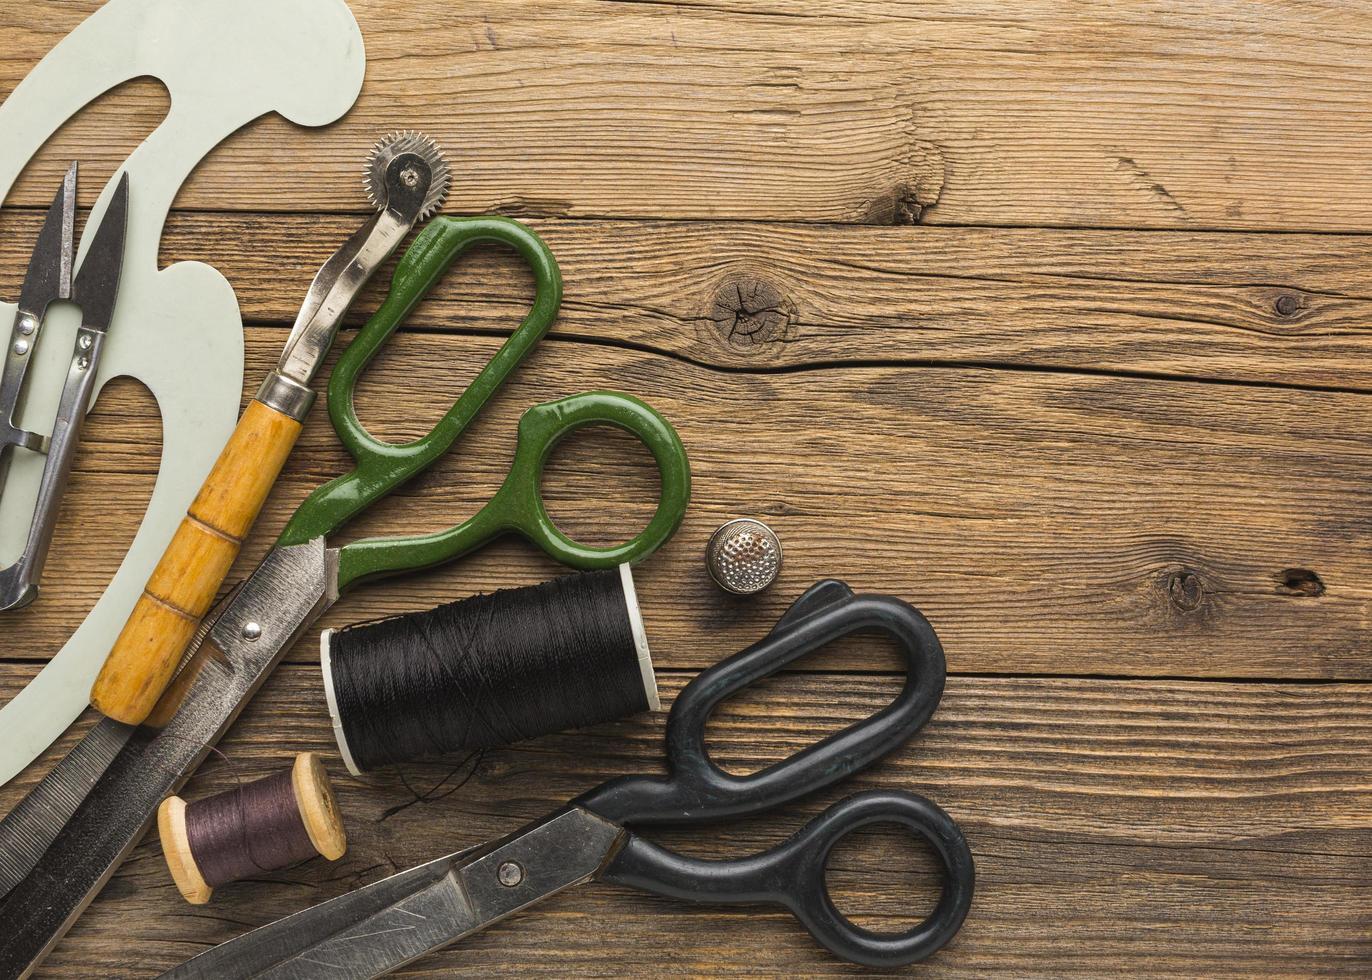 tijeras y articulos de costura foto